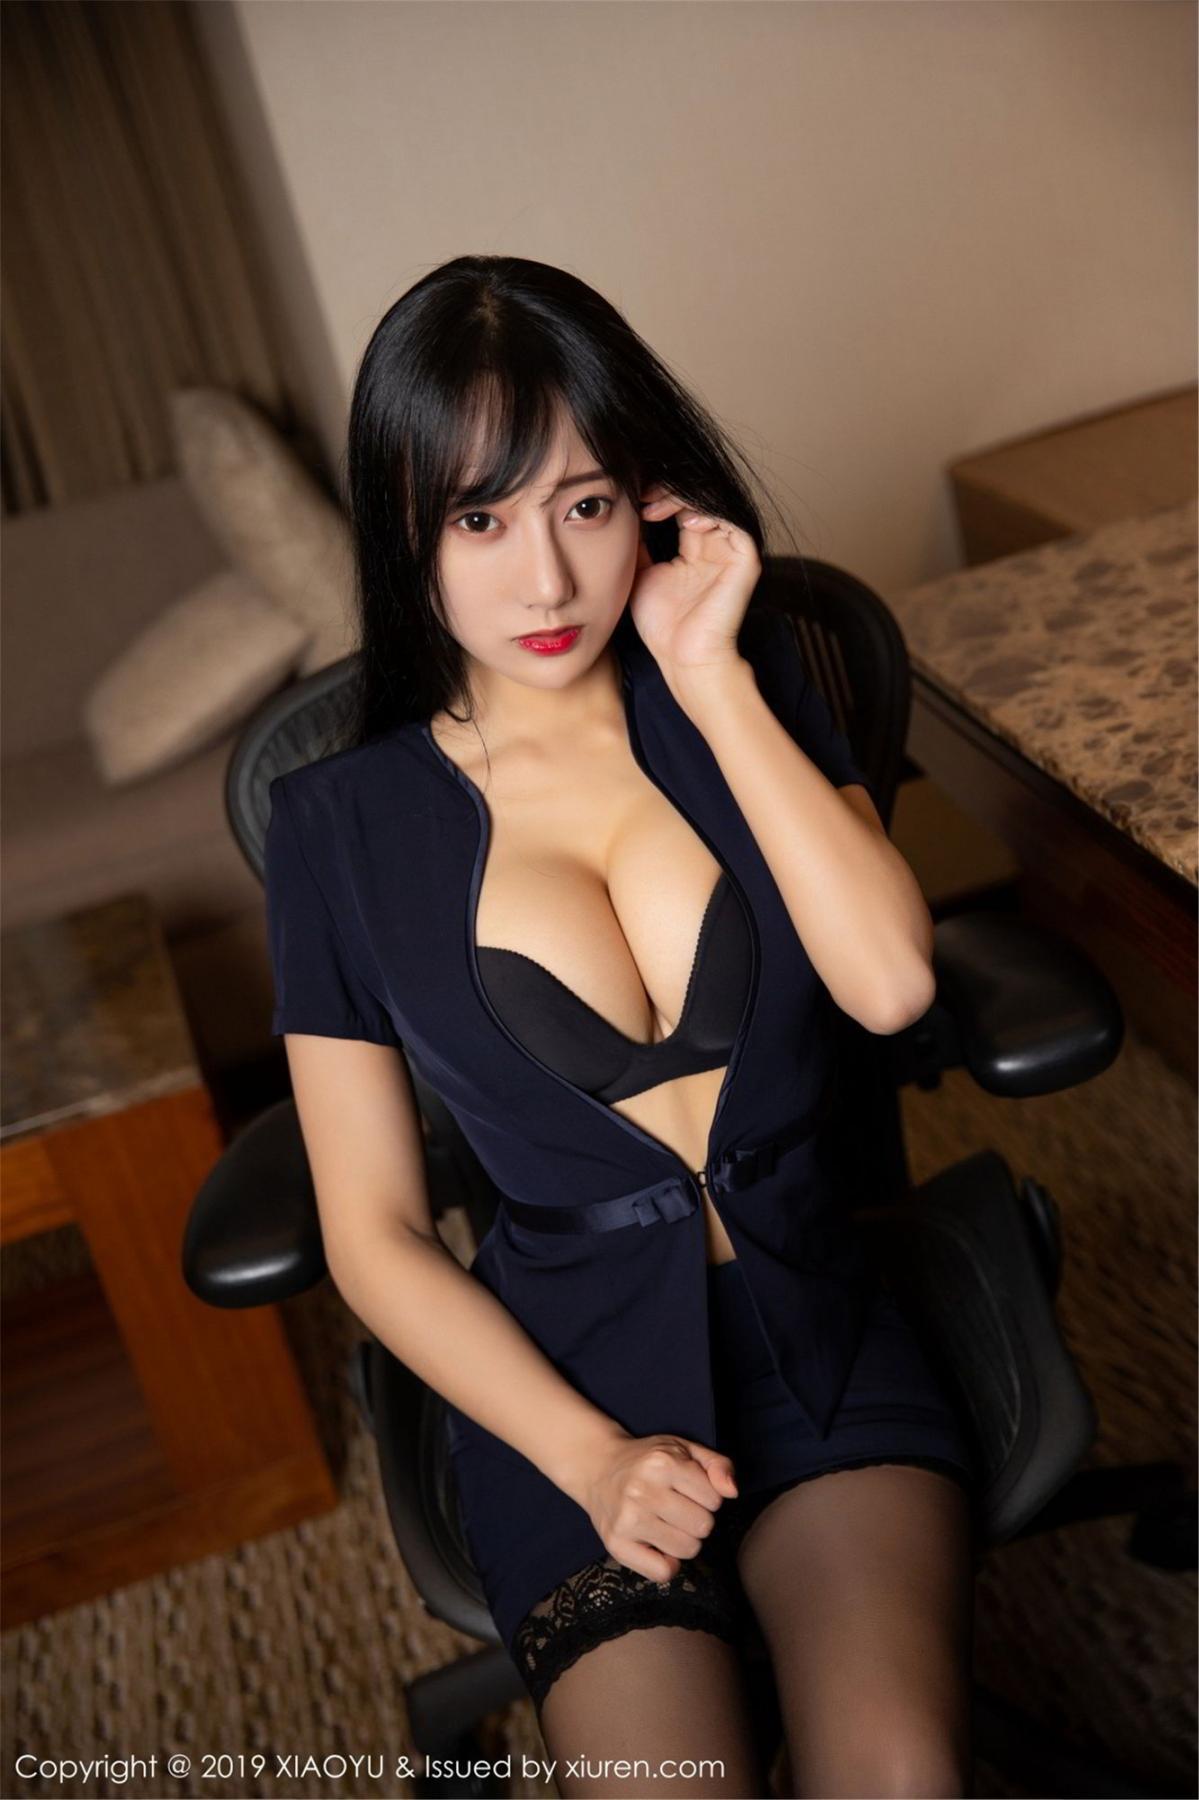 [XiaoYu] Vol.068 He Jia Ying 5P, Black Silk, He Jia Ying, Uniform, XiaoYu